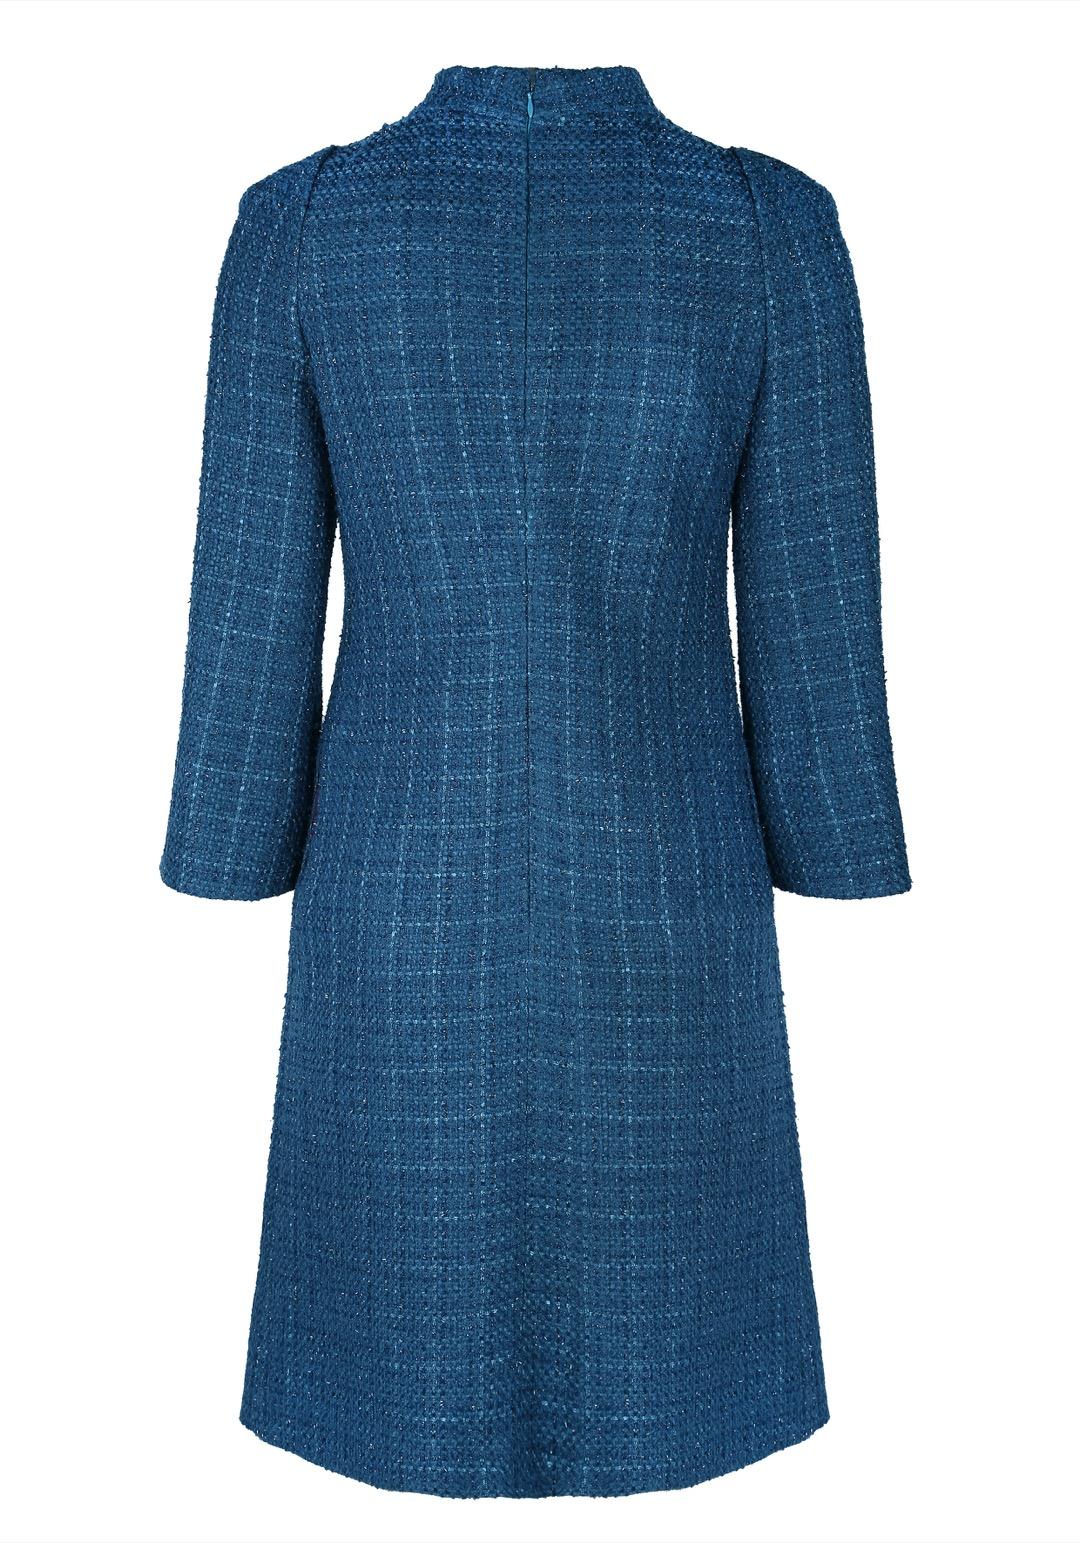 Бирюзовое прямое платье мини в стиле 60-х